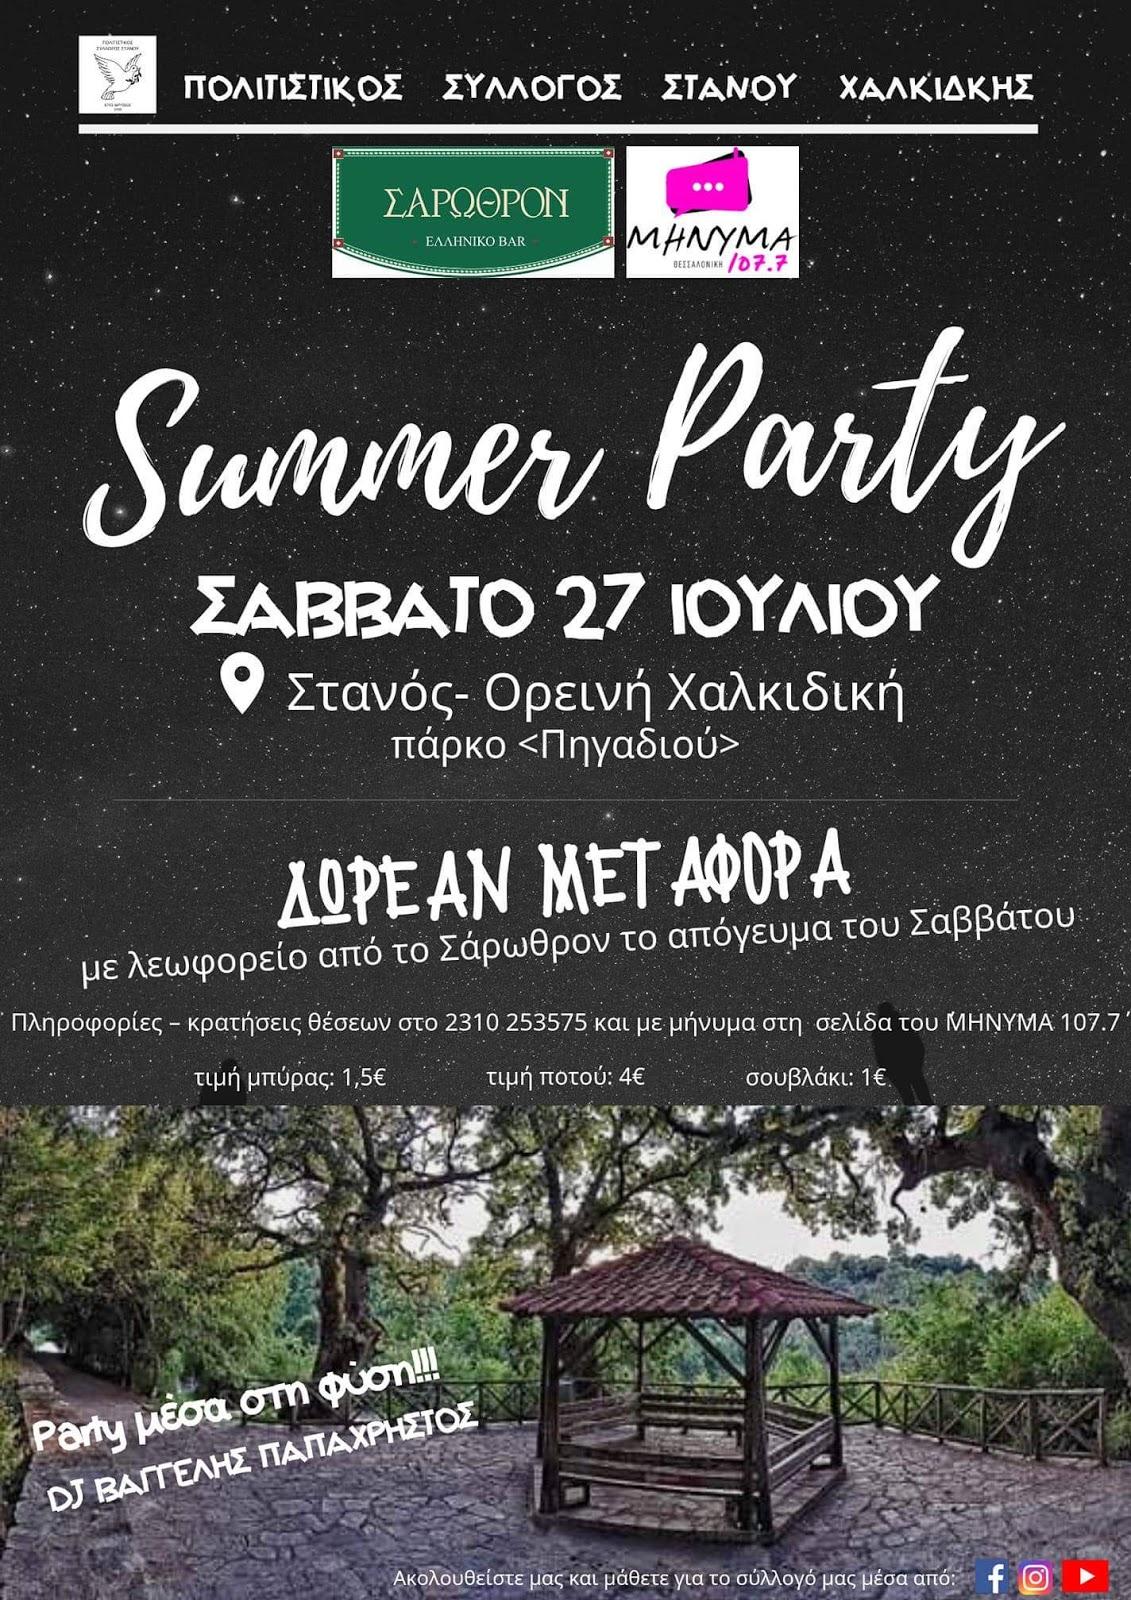 Summer party στο Στανό